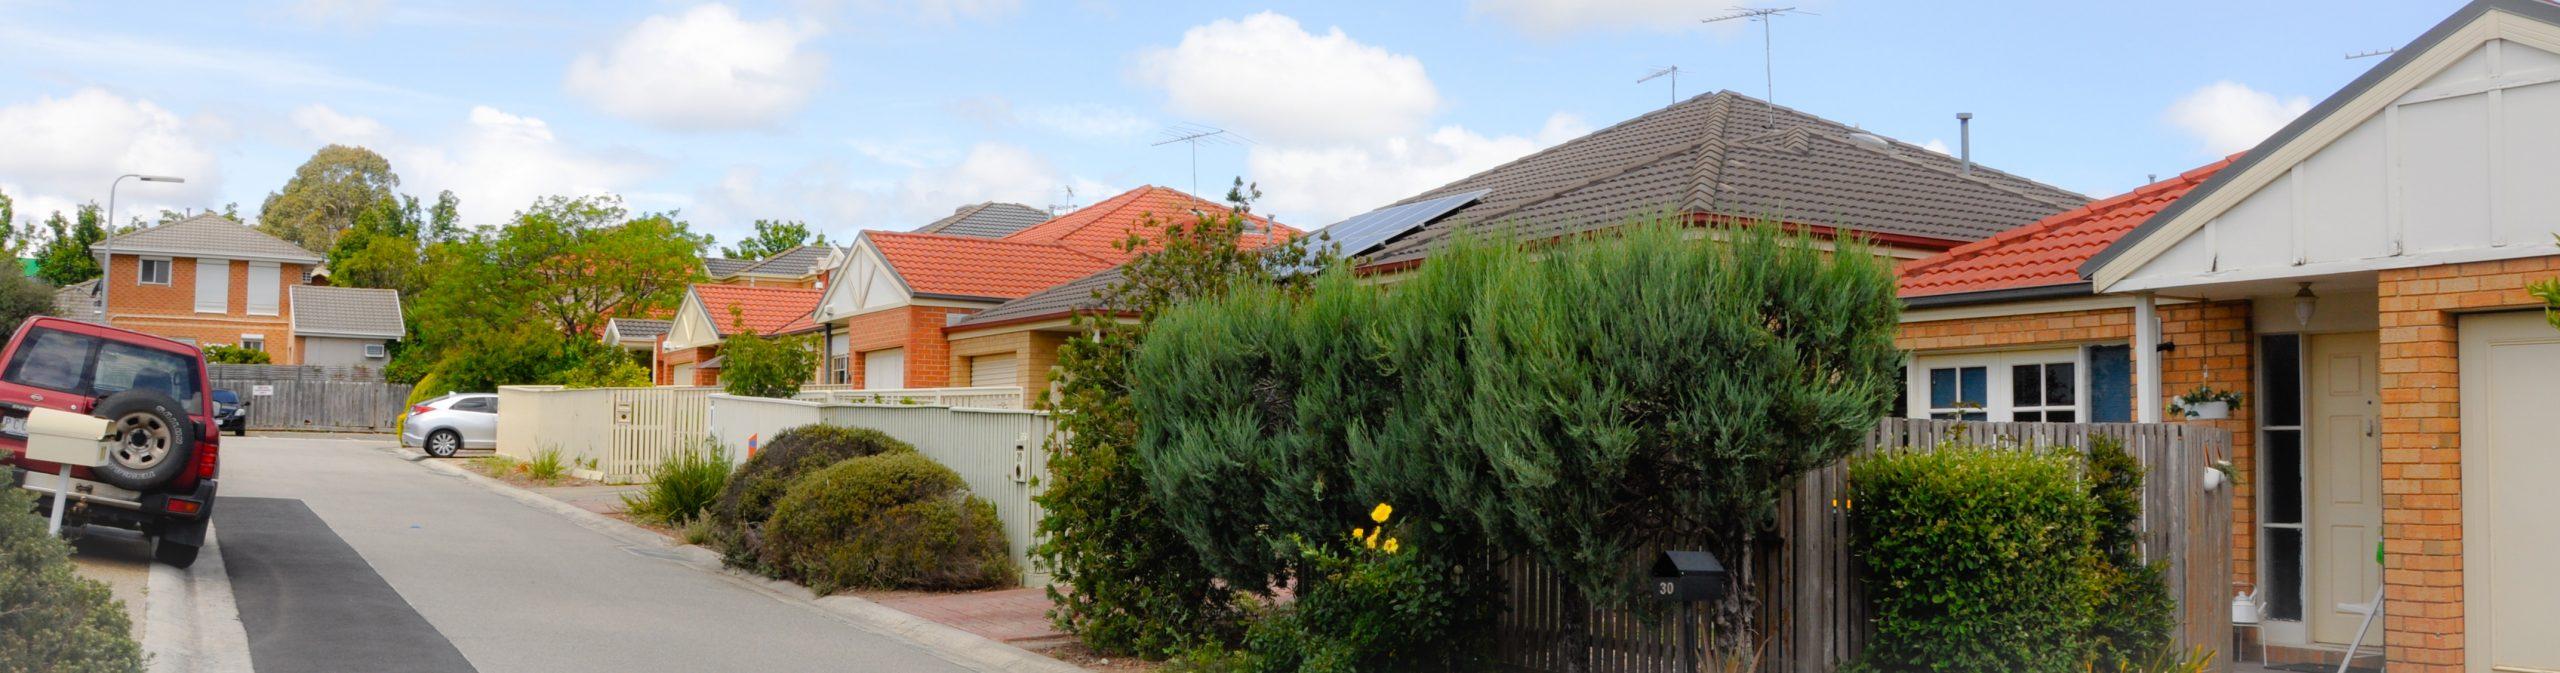 Brett V. - Empire Street, Footscray – Melbourne, Victoria, 3011